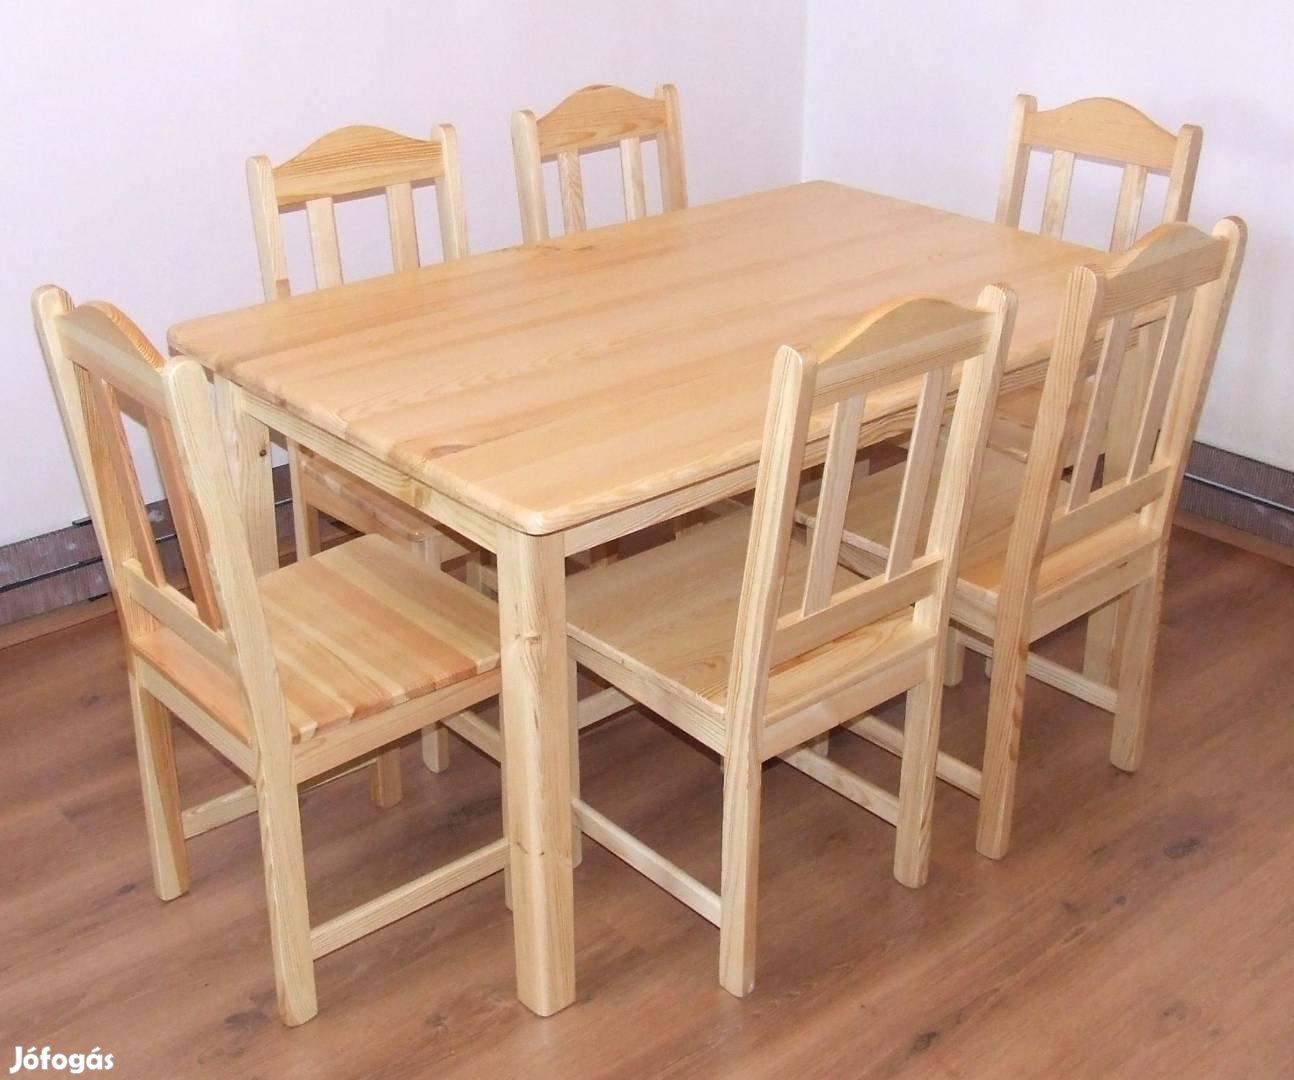 Étkező garnitúra, Fenyő étkező, Étkezőasztal, Étkező, borovi fenyő